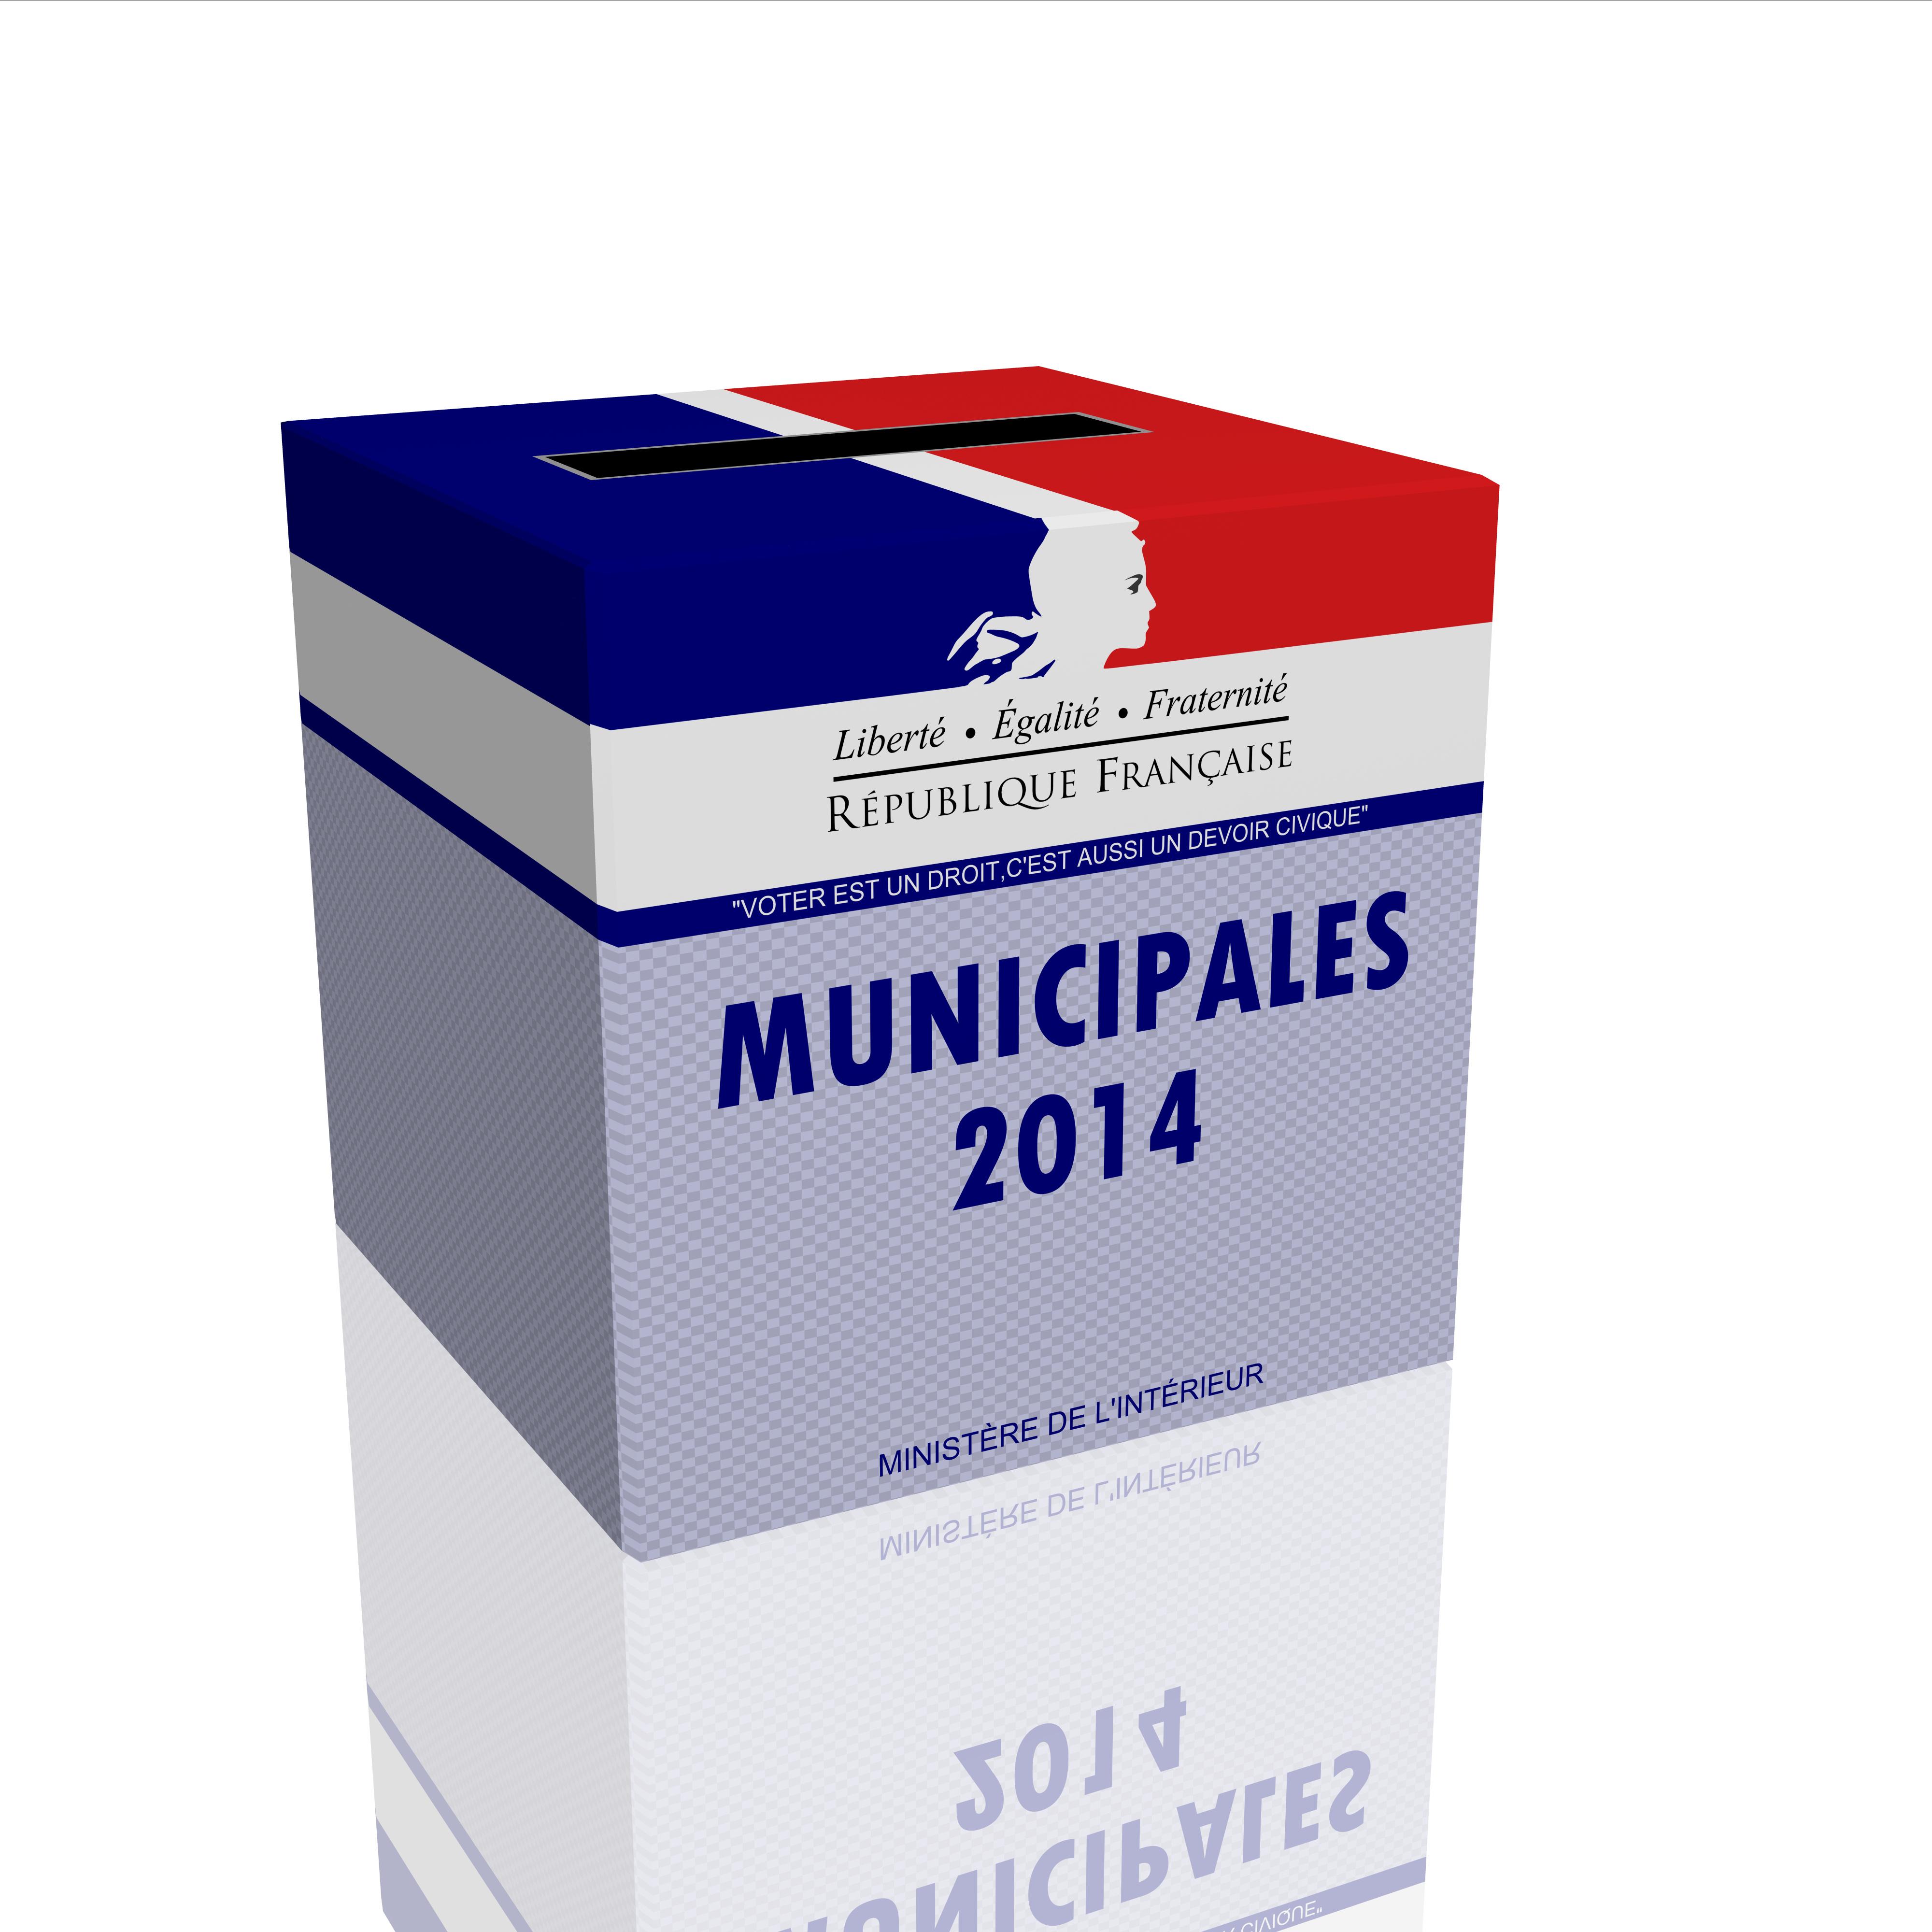 imprimerie pour les elections, imprimer vos affiches pour les elections